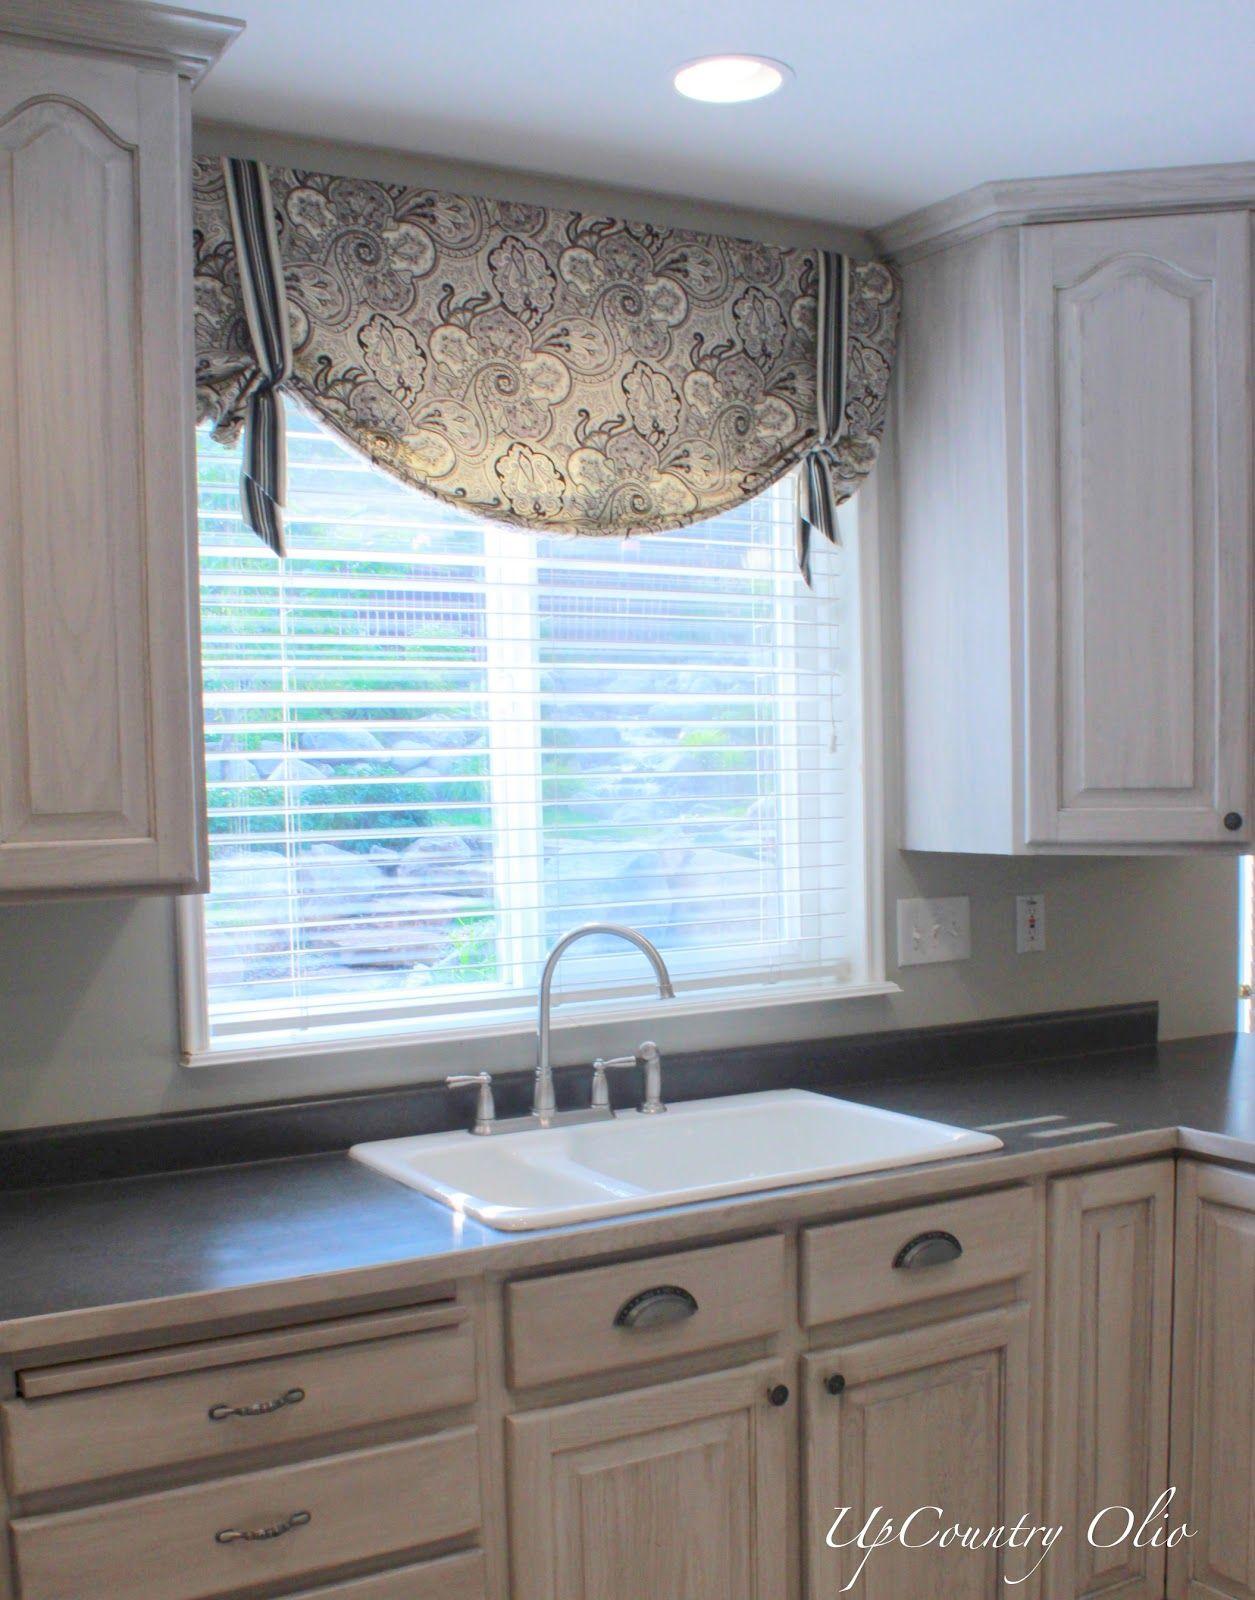 modern valance for kitchen kitchen window treatment ideas ideas about modern kitchen curtains on pinterest kitchen curtains modern valances and window valances